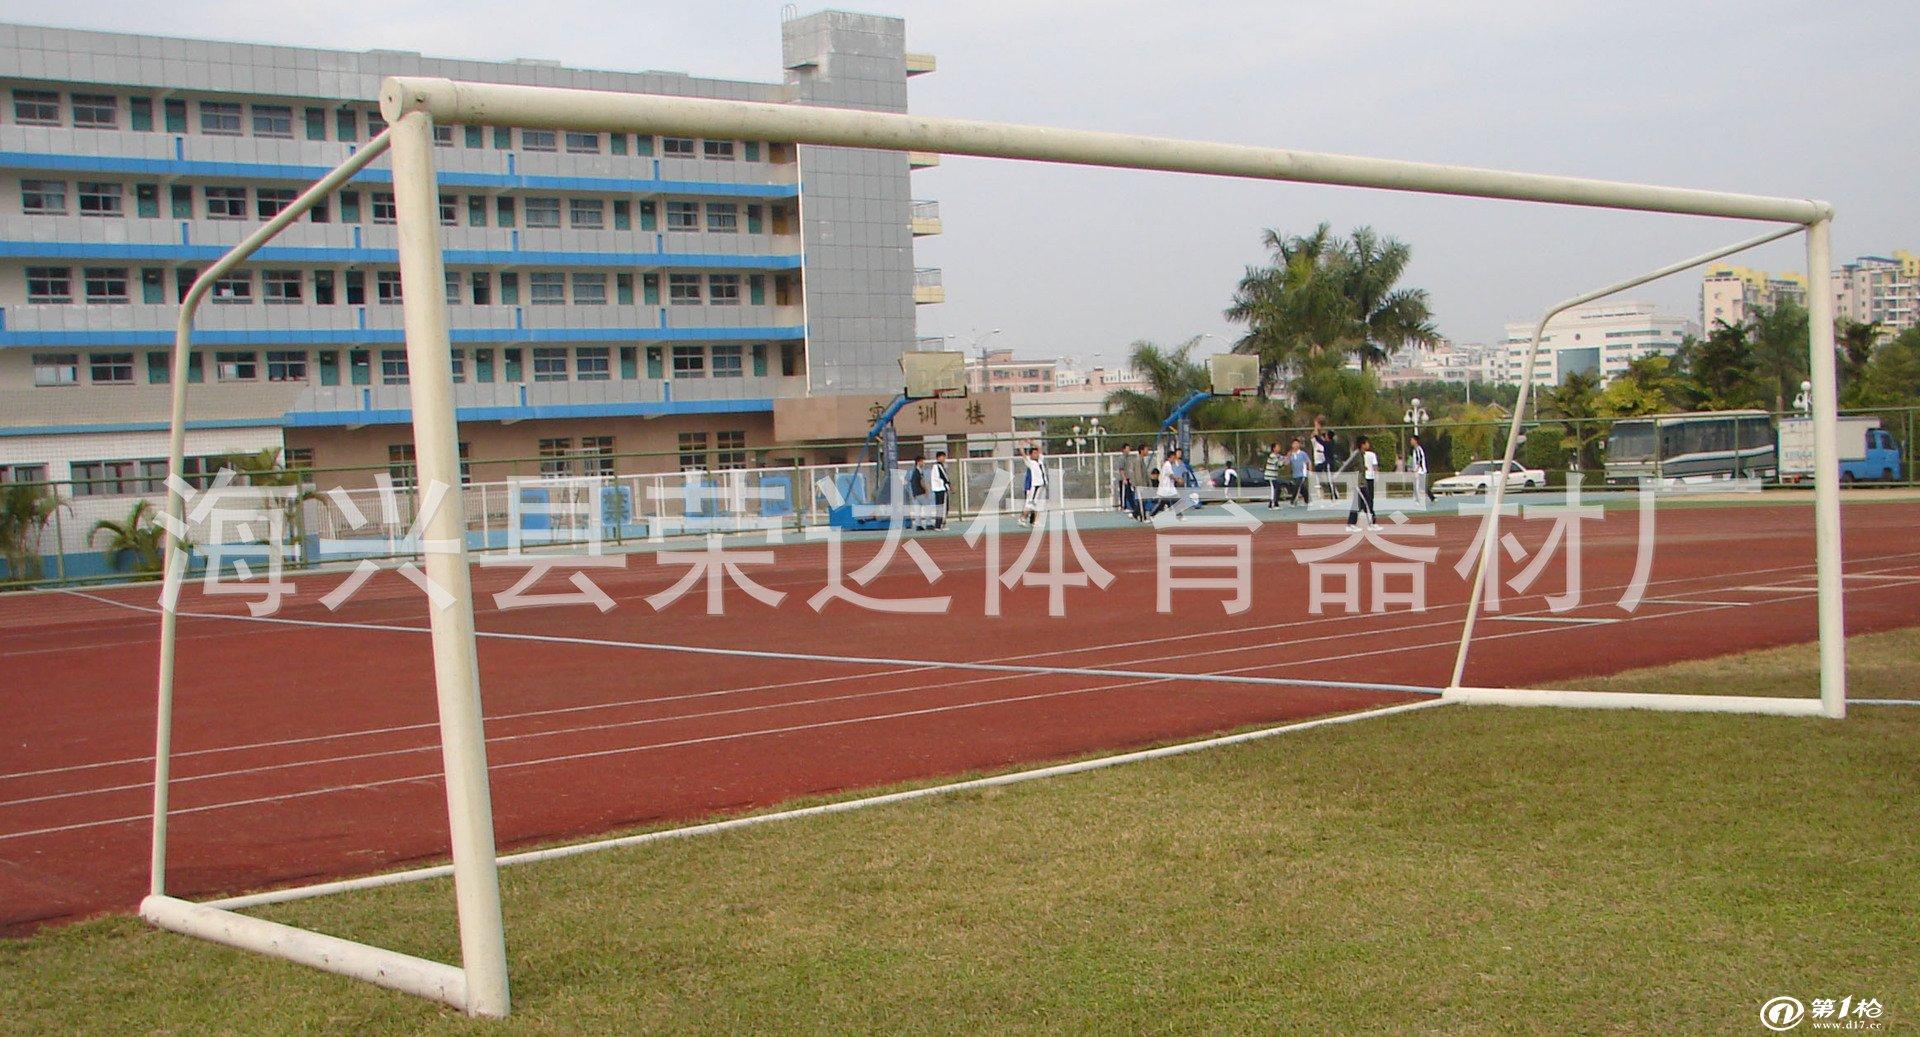 体育器材厂批发零售 标准5人制足球门 优质体育田径用品